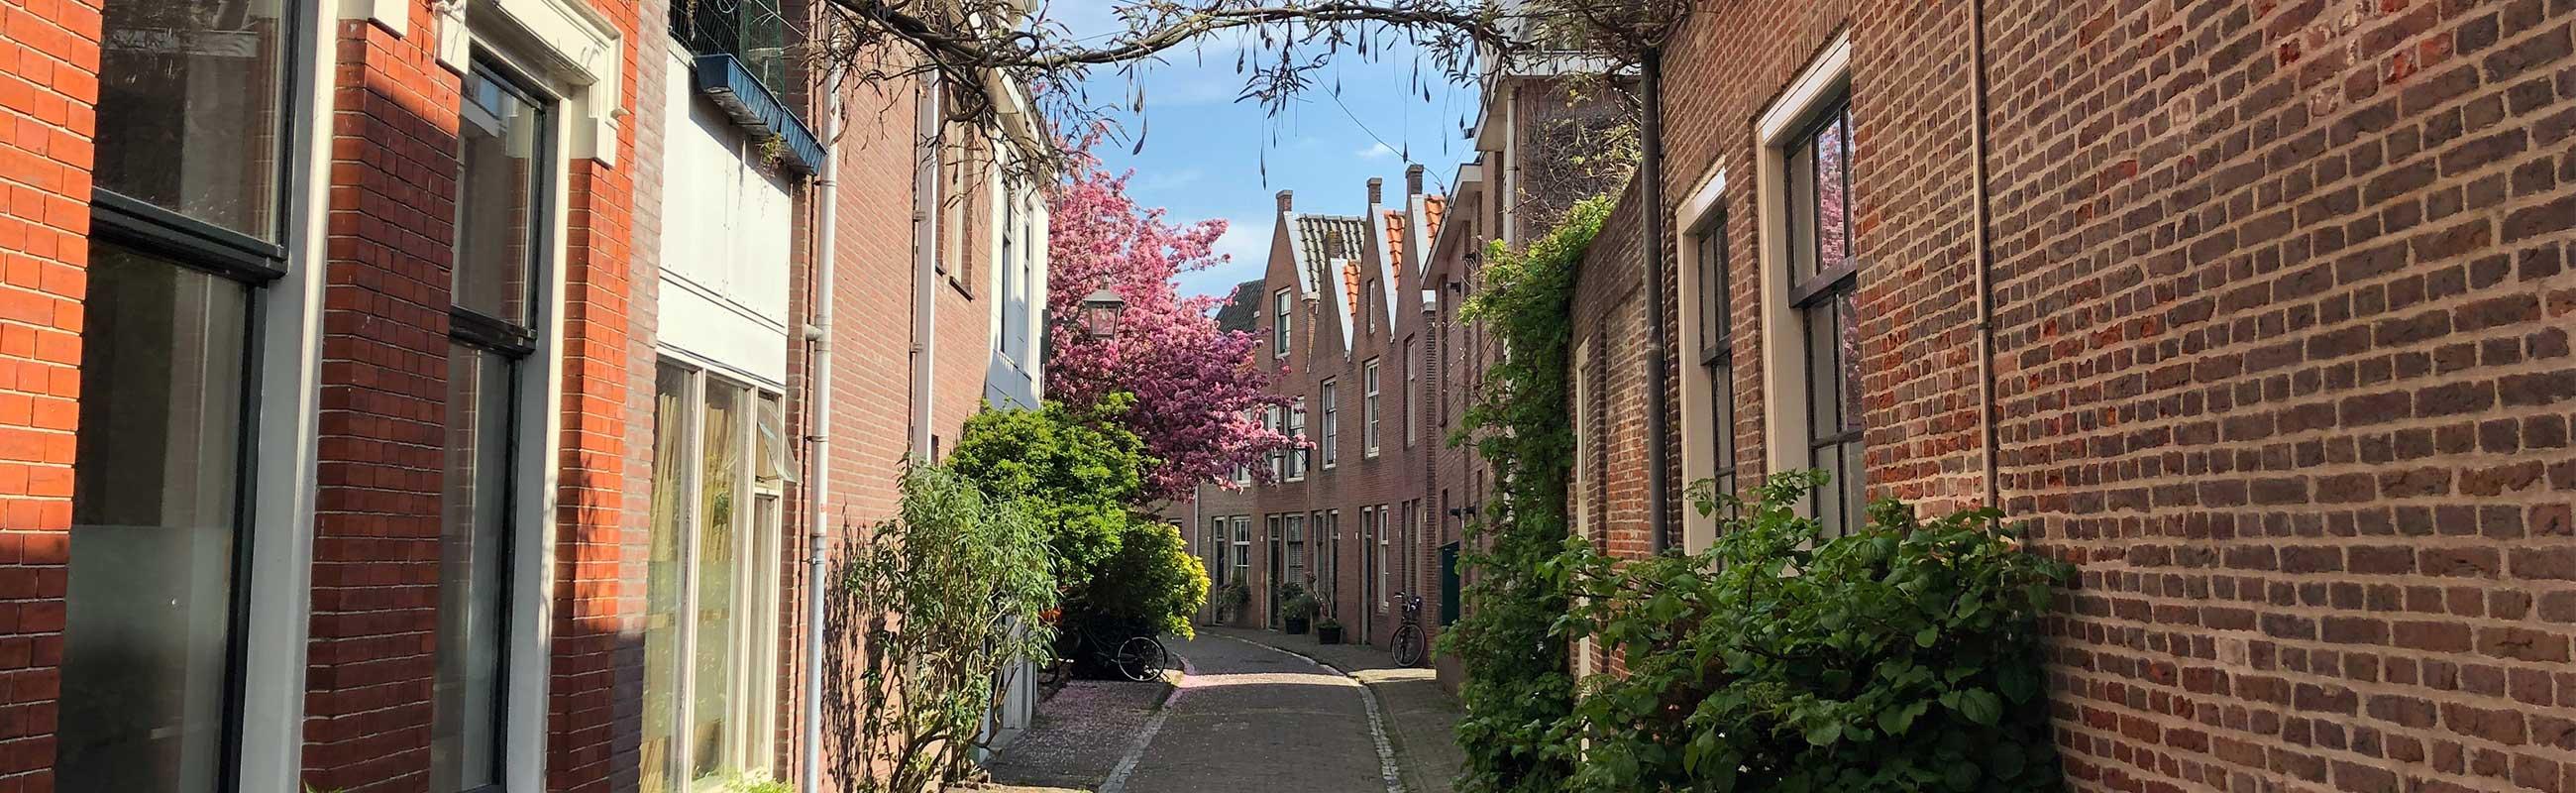 Een van de mooiste hofjes in Haarlem het Brouwershofje in de Heiliglandenbuurt.